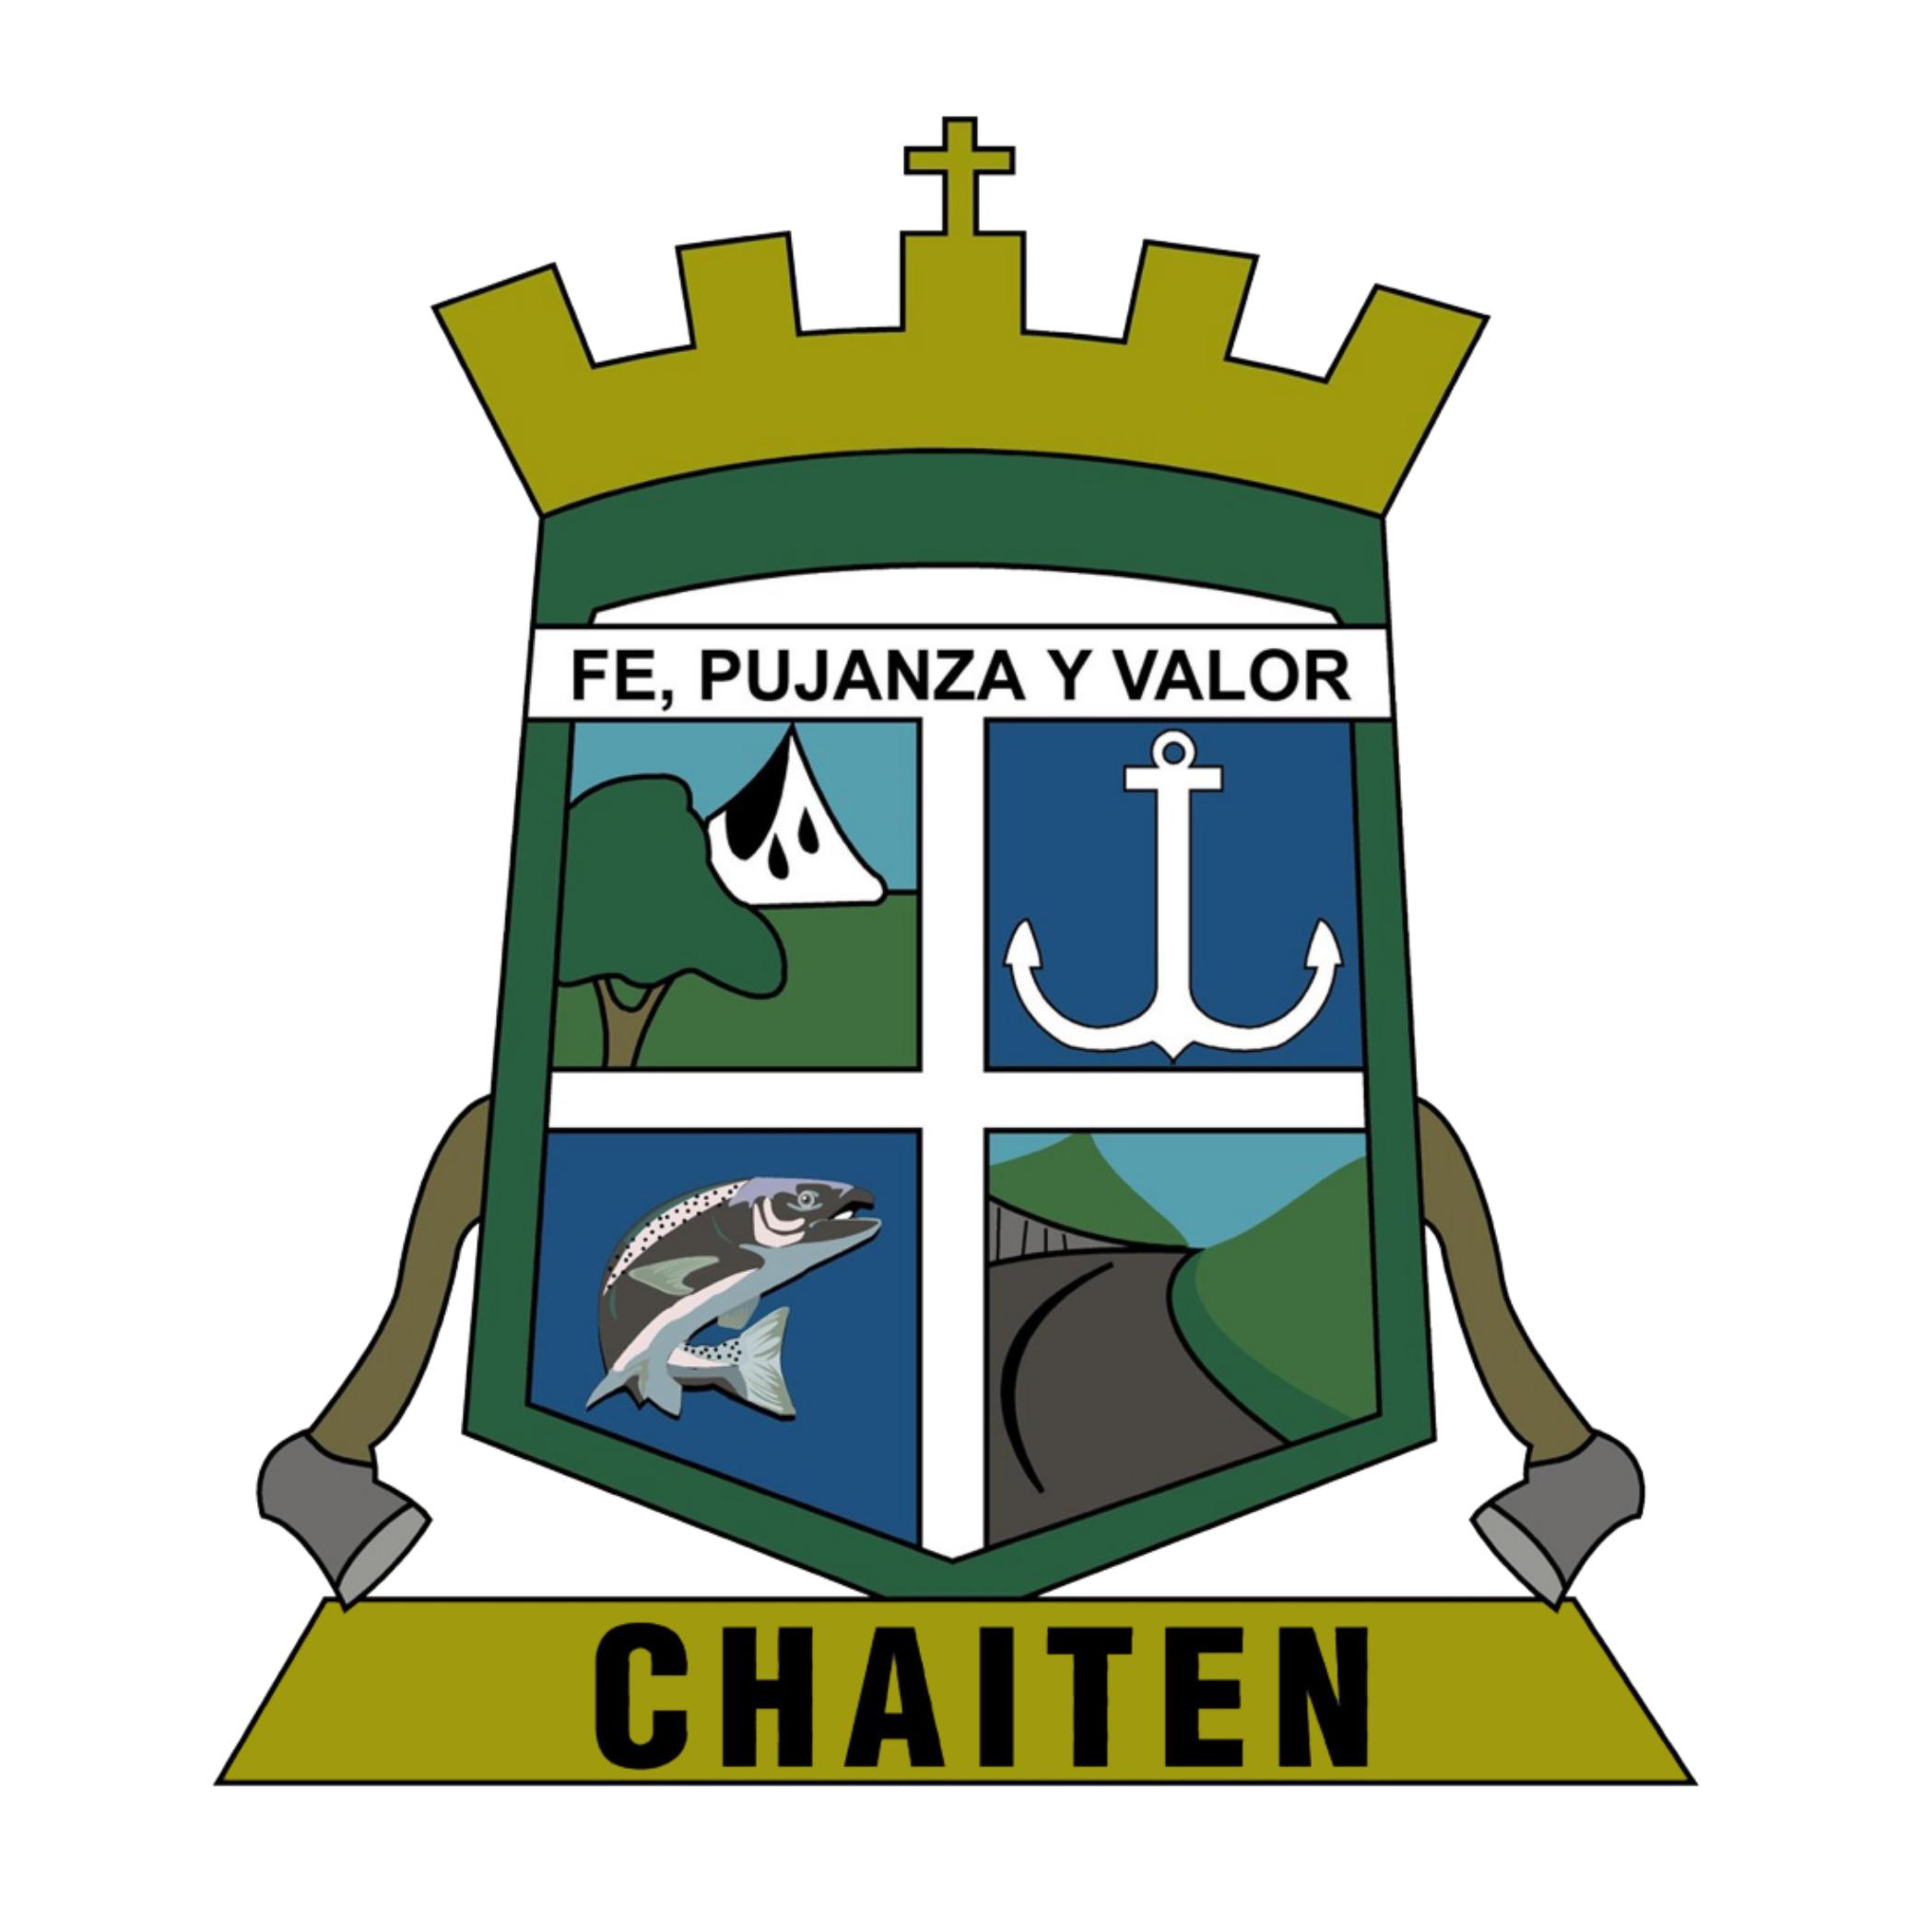 Ilustre Municipalida de Chaitén